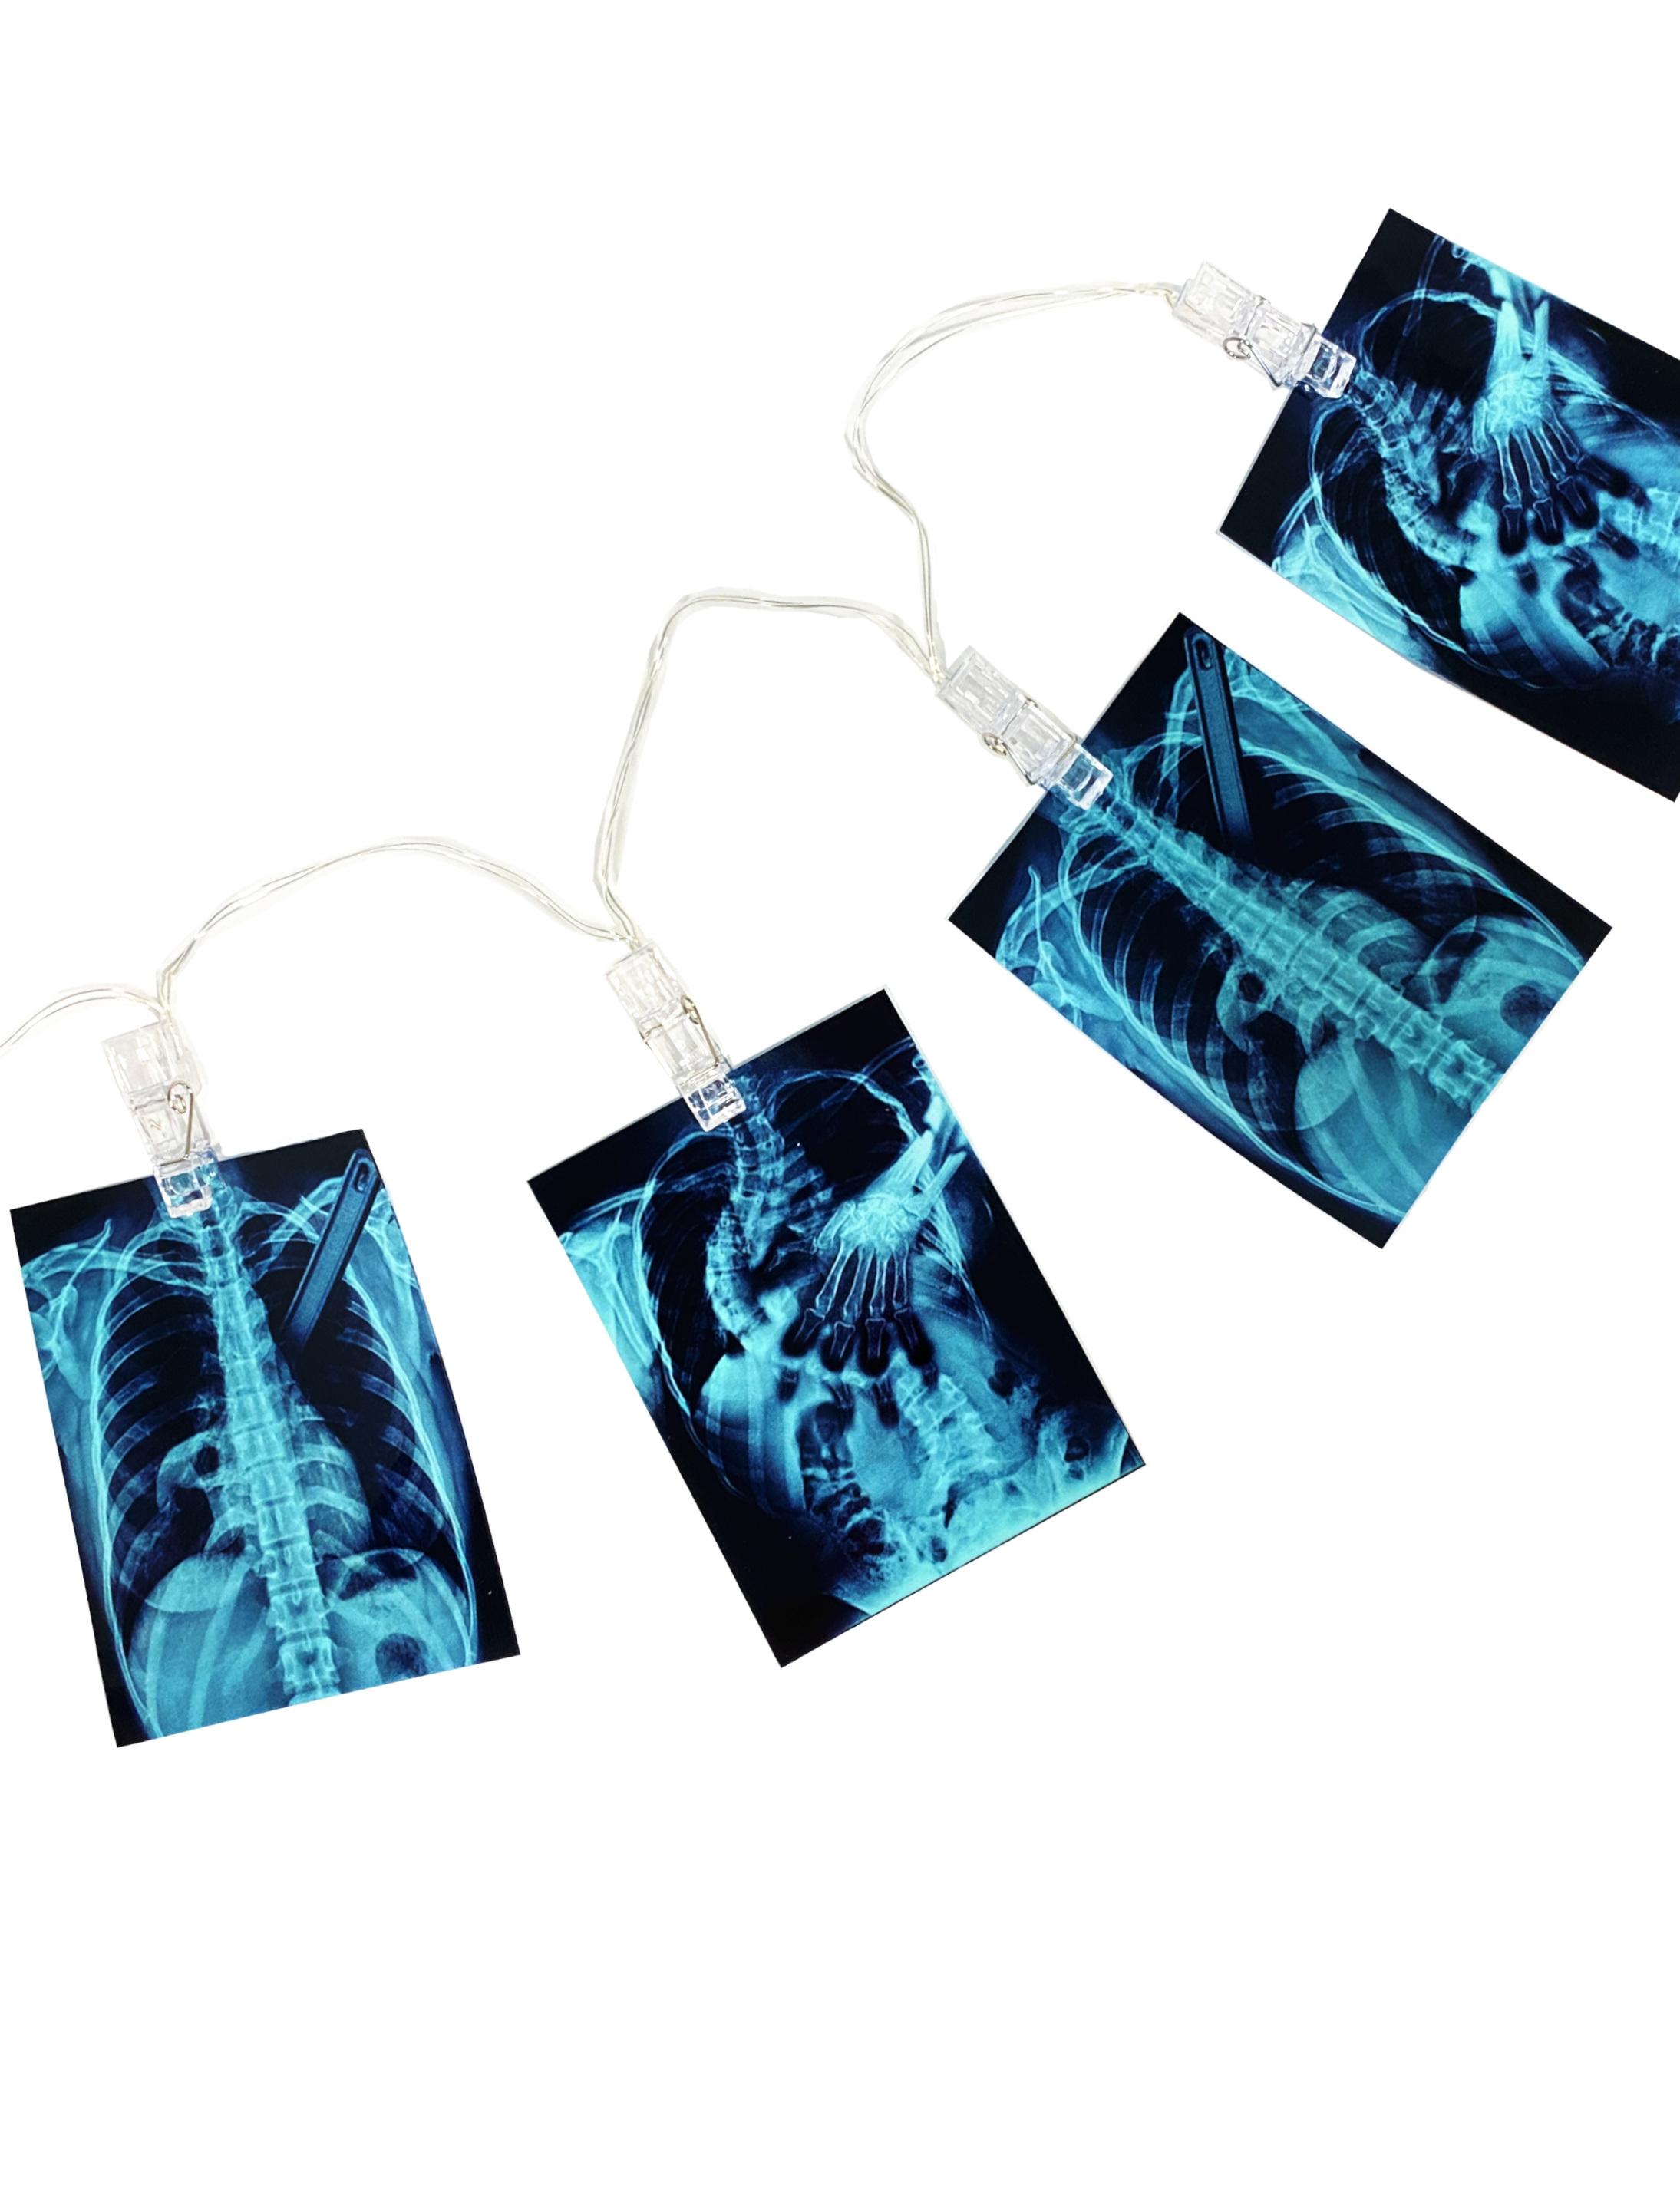 LED Girlande Rontgenbilder mit Skeletten Farbe: schwarz/weiss